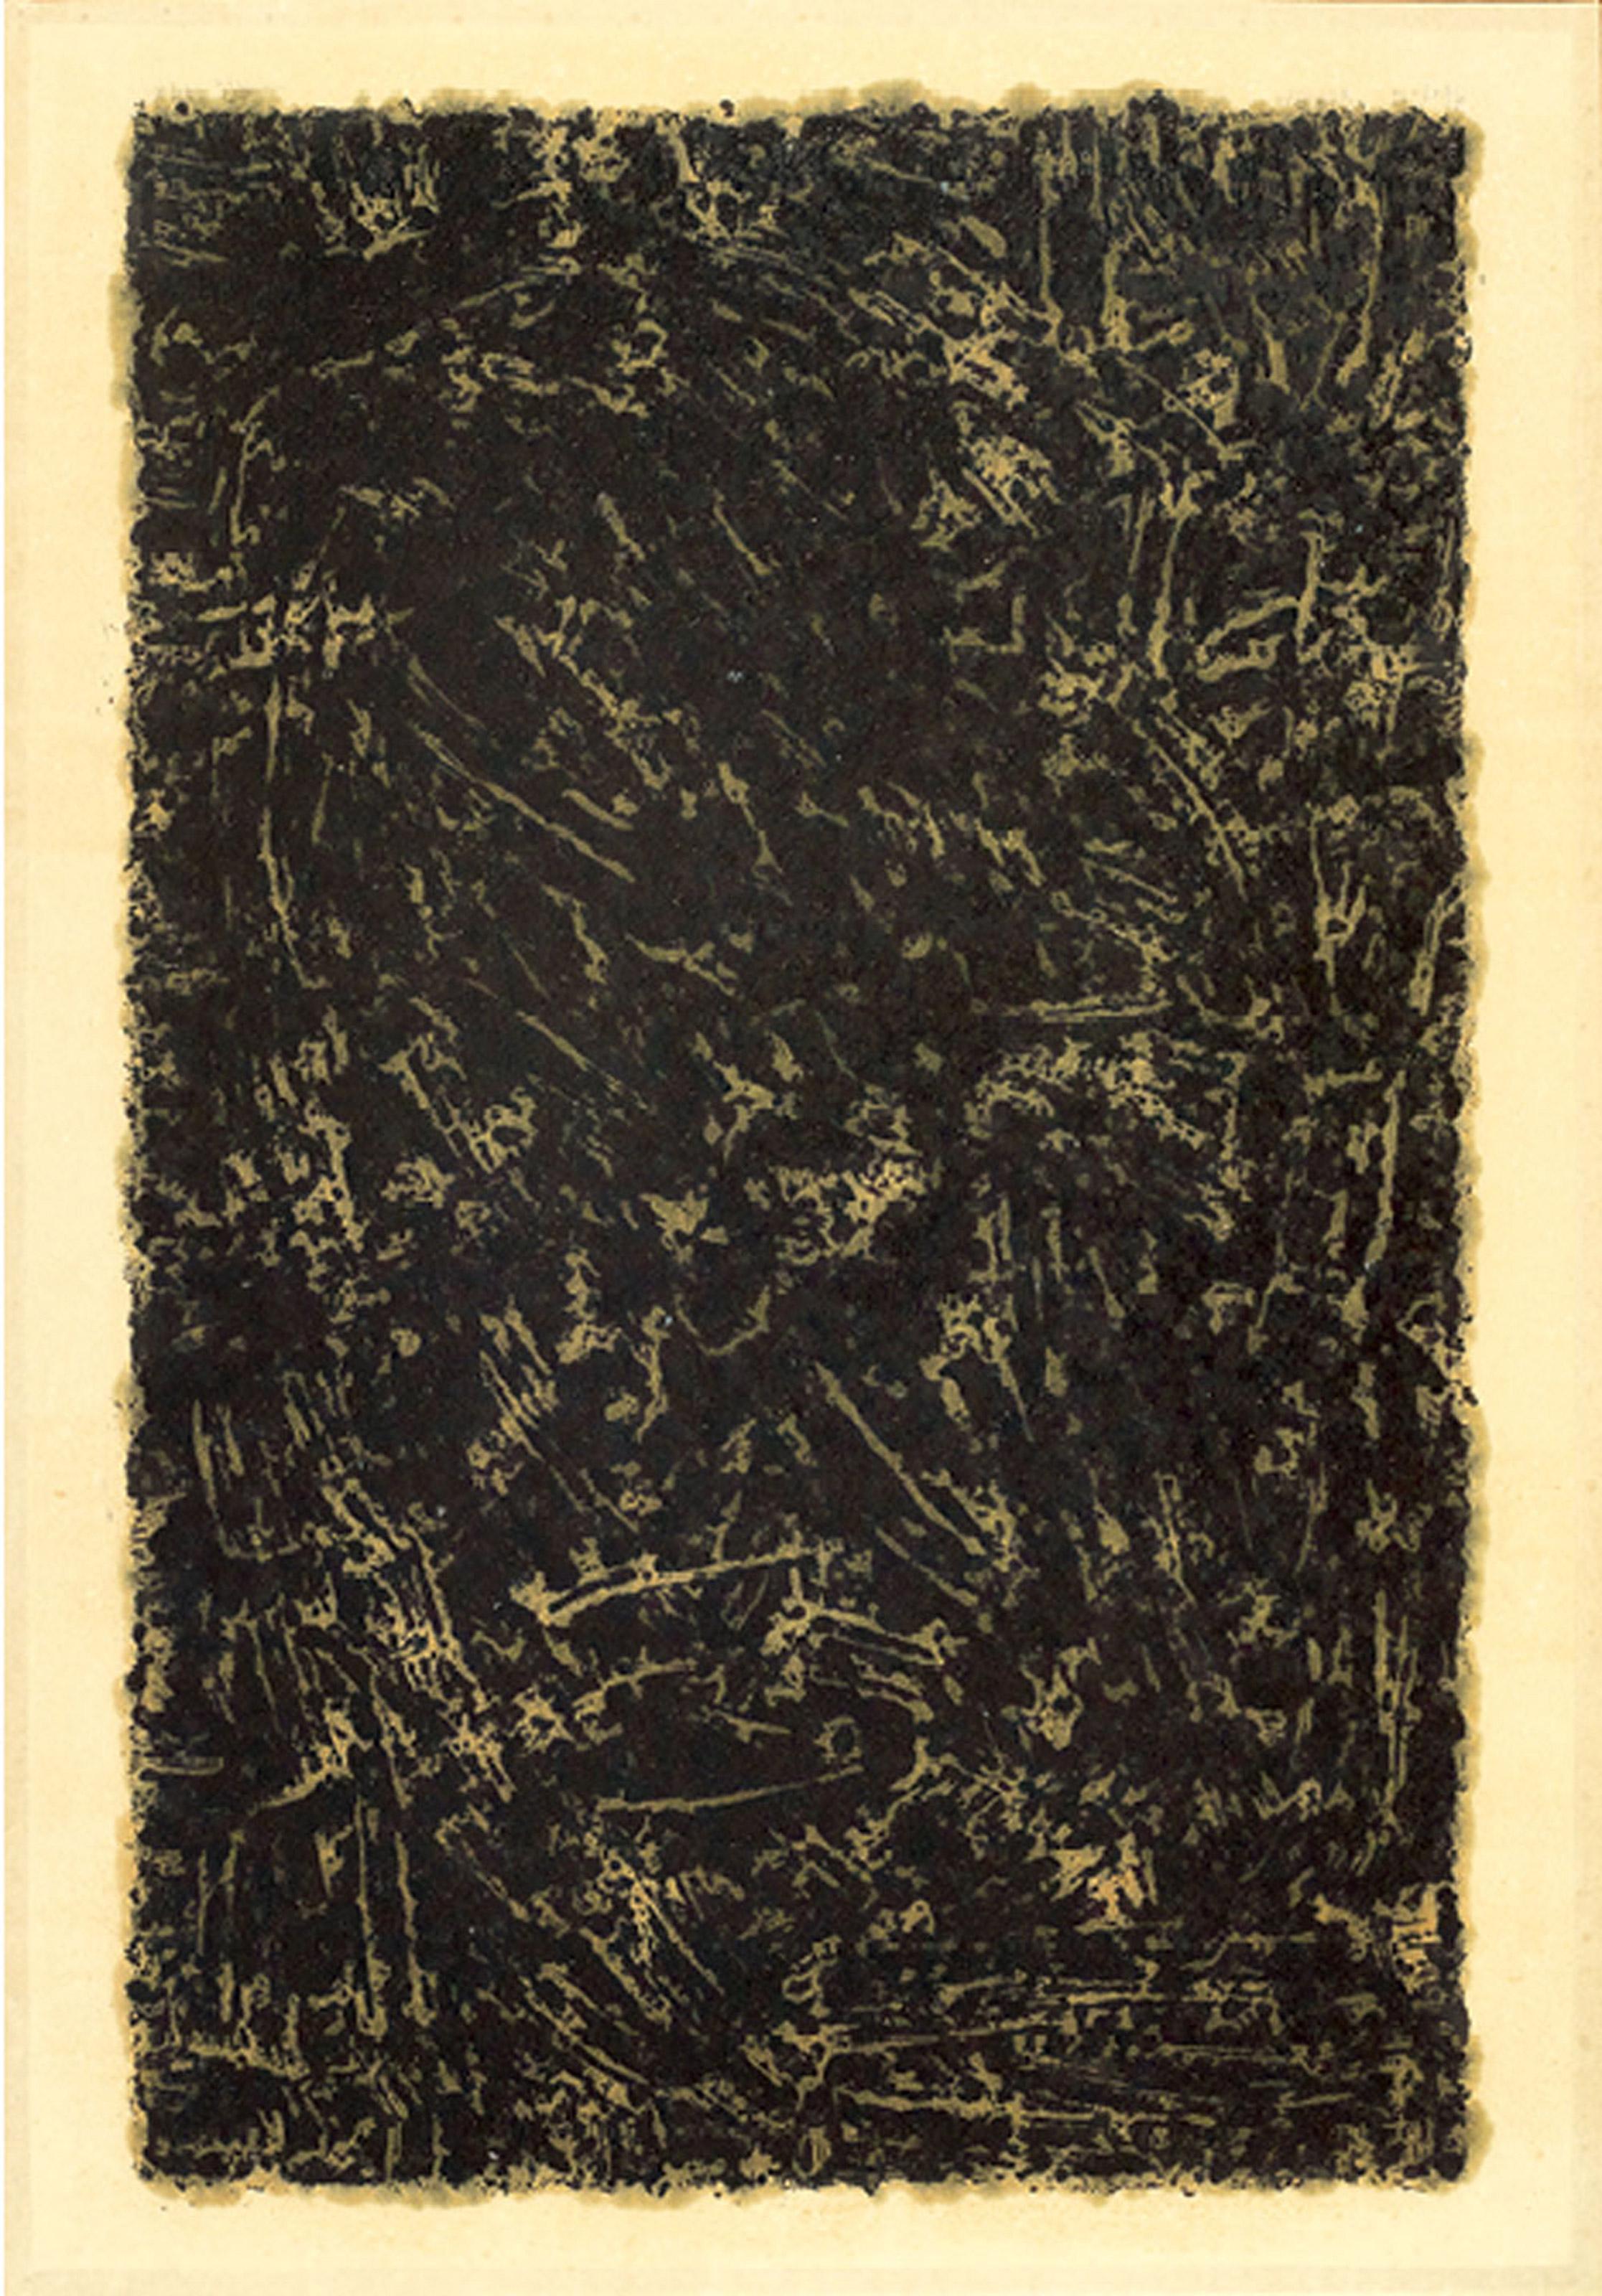 SHEN FAN (CHINESE, B. 1952)